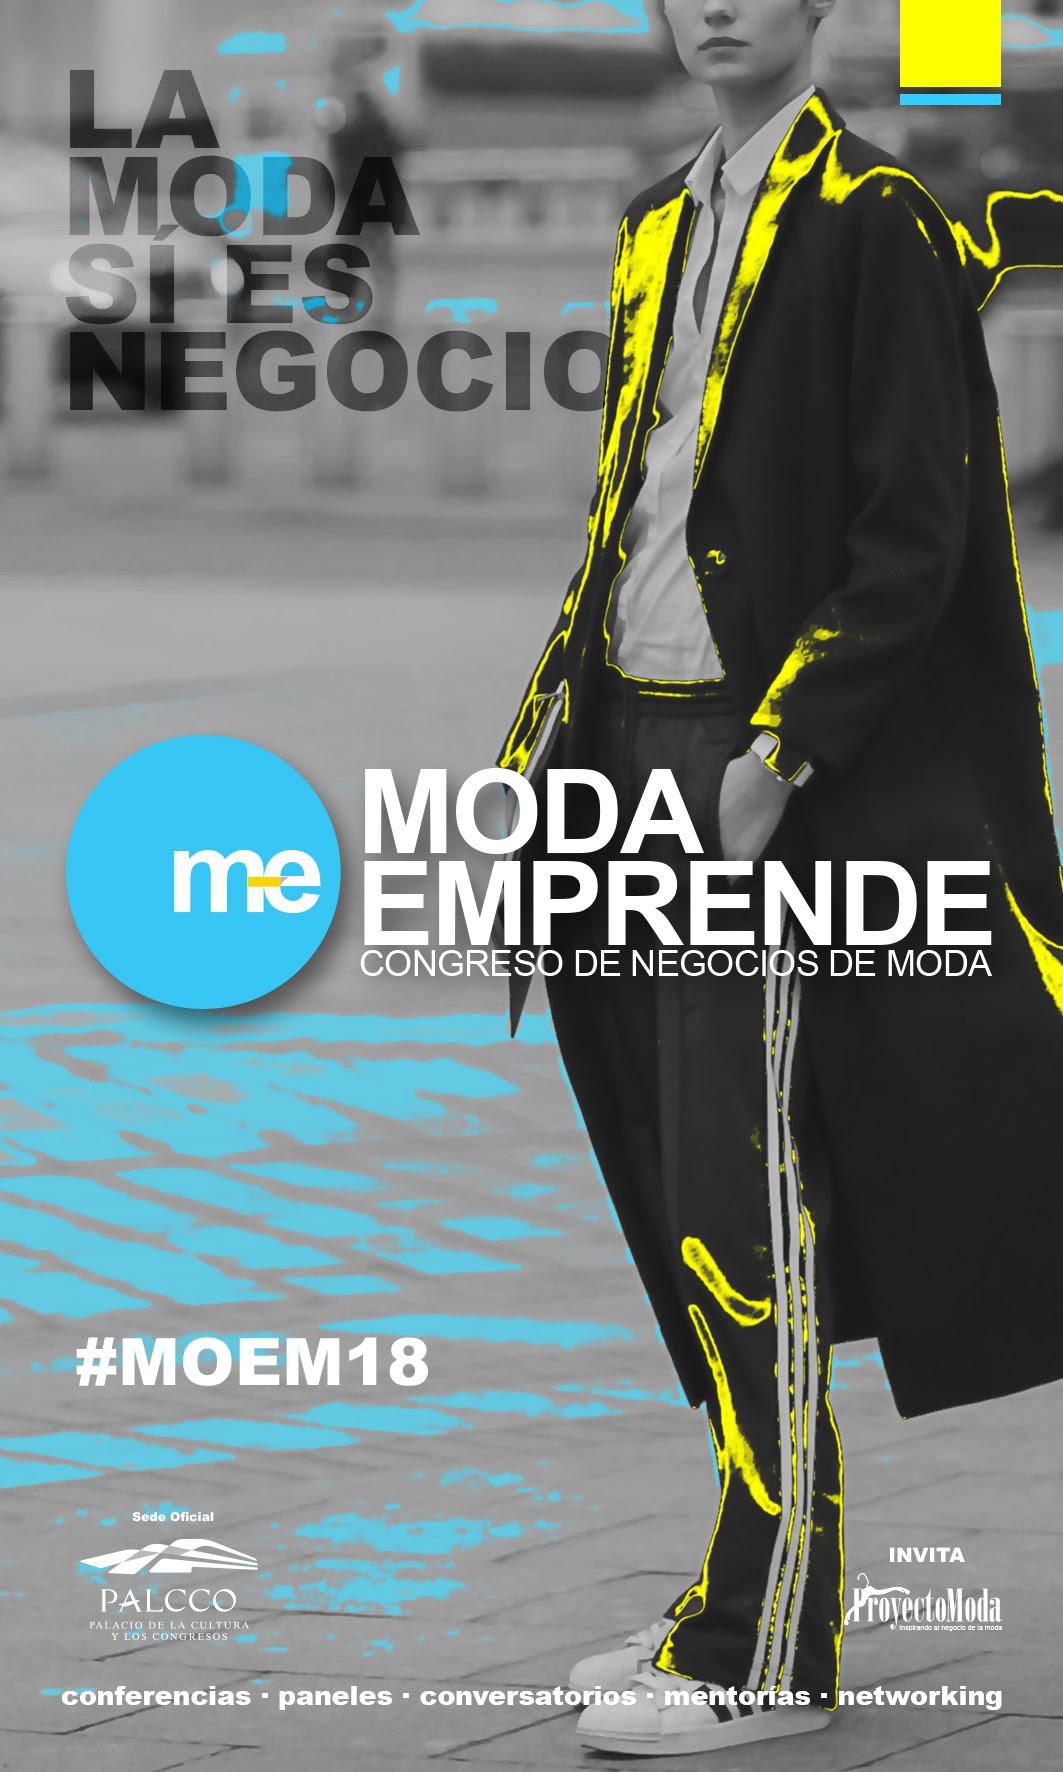 Moda Emprende 2018 - 16 y 17 de Noviembre en PALCCO